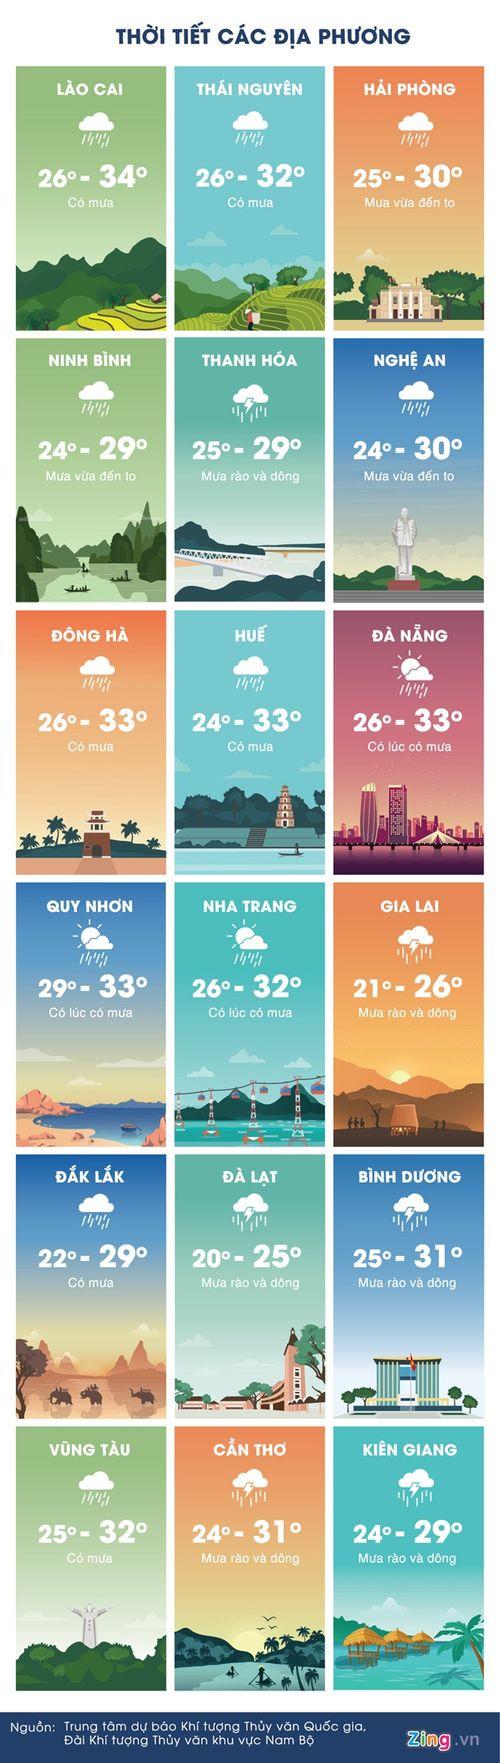 Dự báo thời tiết ngày 14/7: Xuất hiện mưa lớn ở nhiều nơi - Ảnh 2